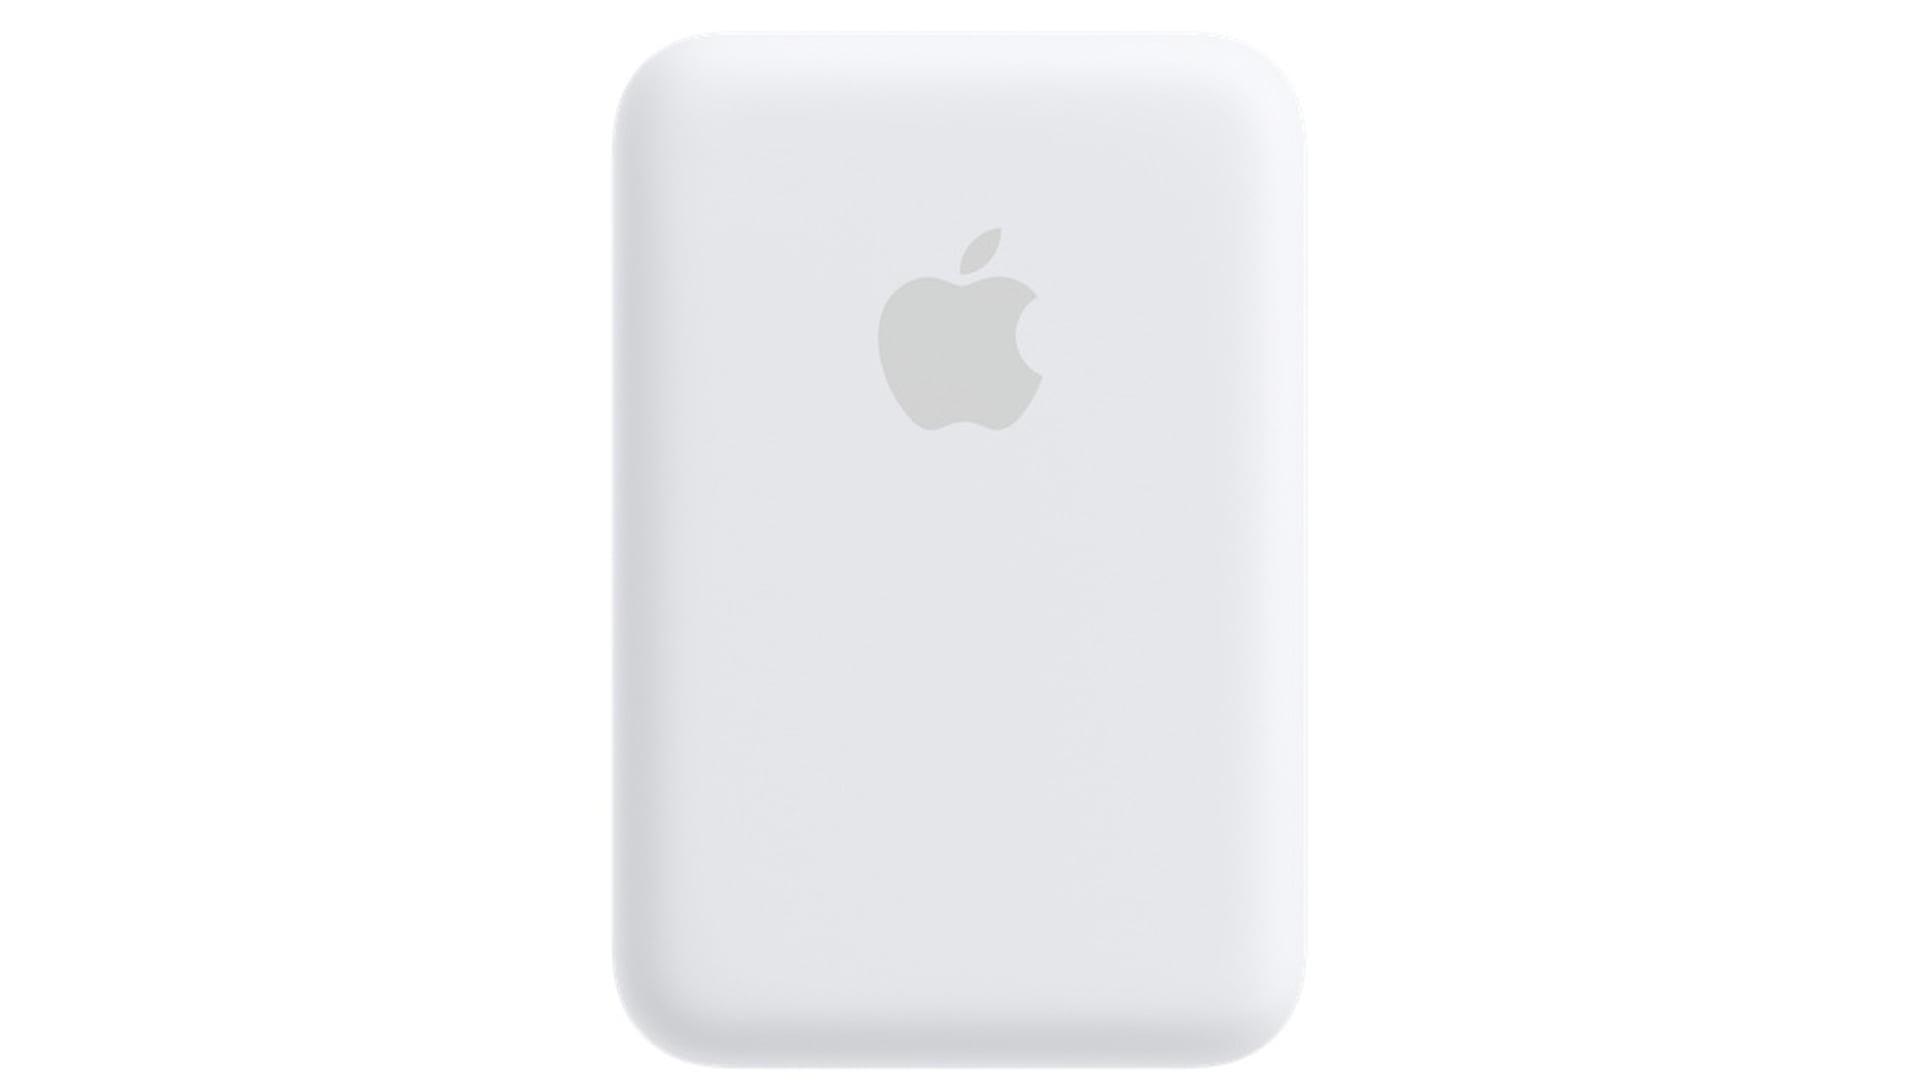 Firma Apple wprowadziła do sprzedaży akumulator MagSafe